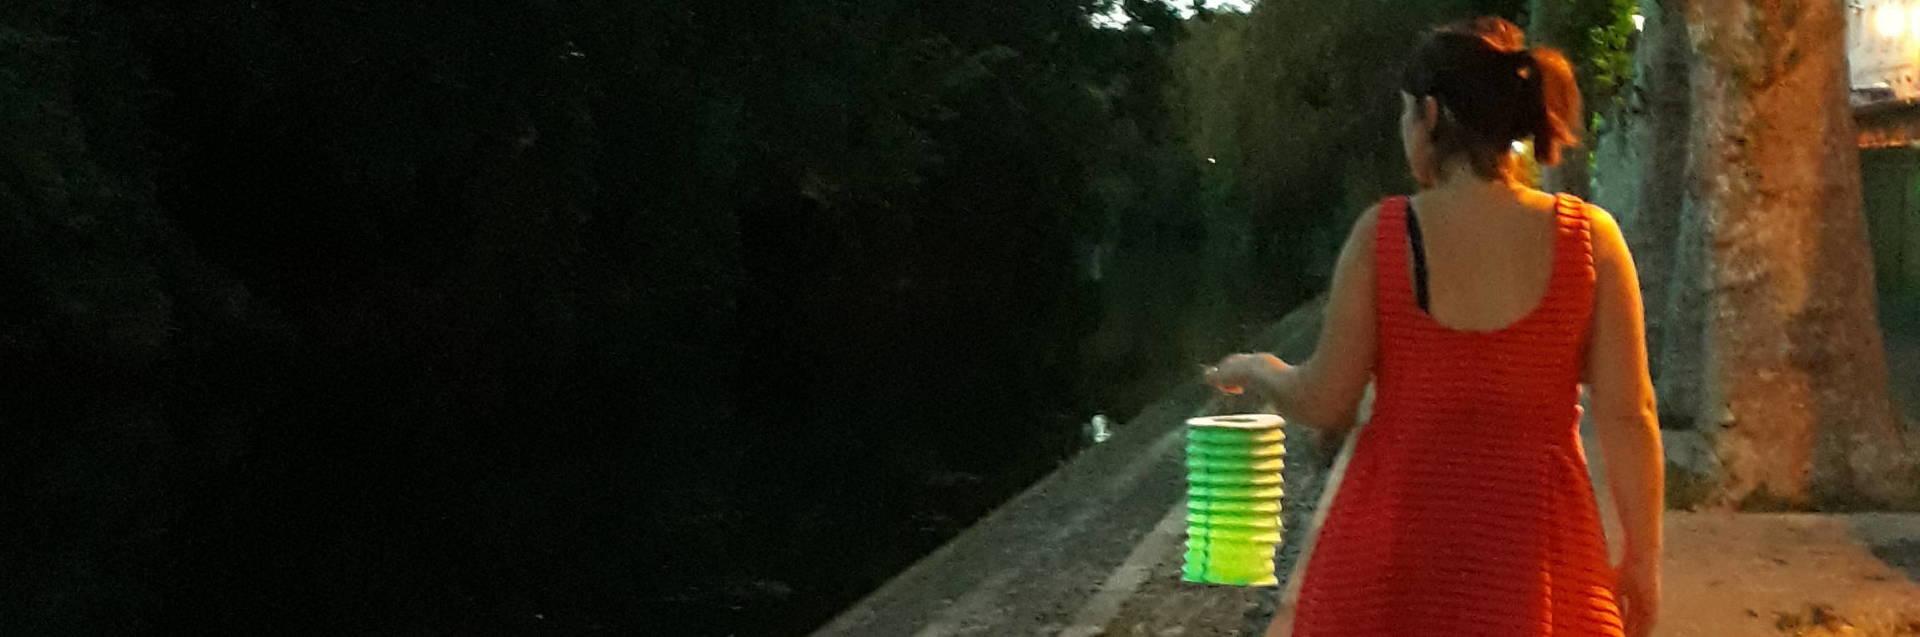 Balade à Niort à la lumière des lampions